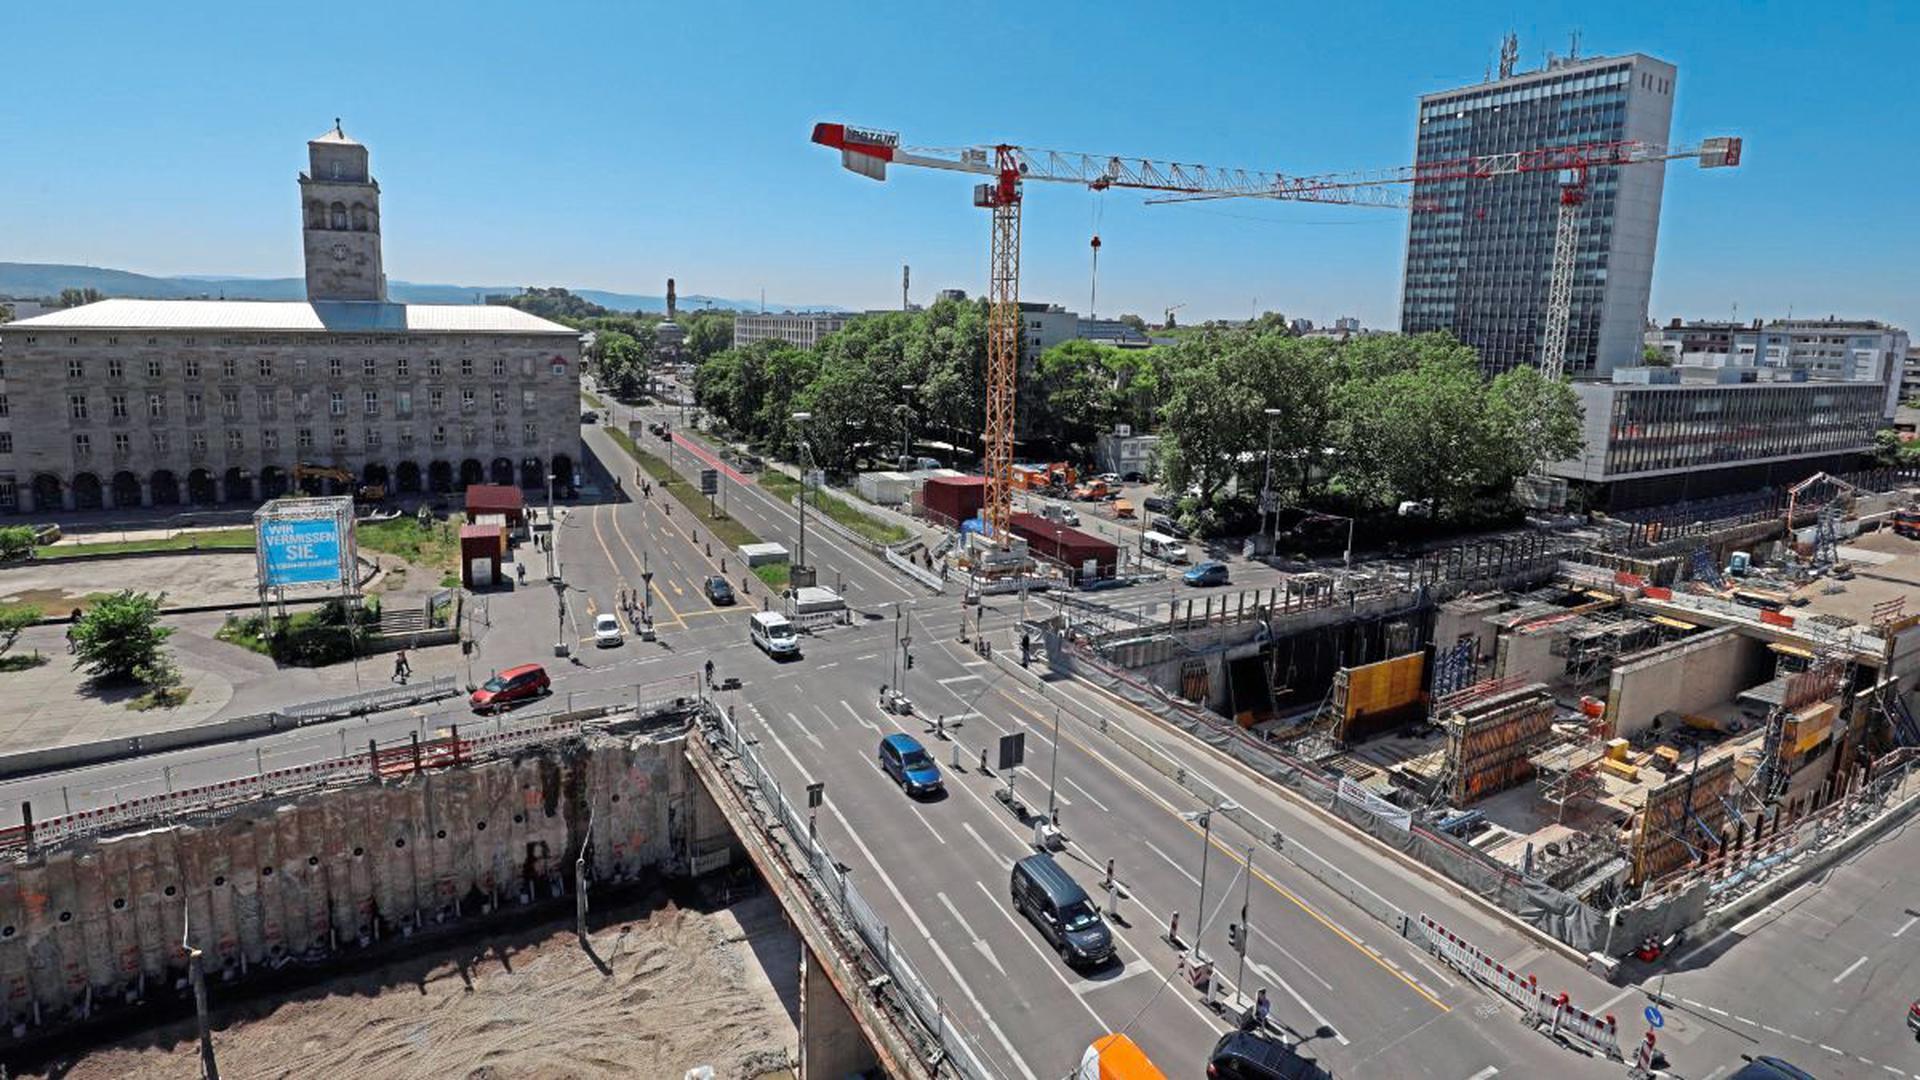 Das Ettlinger Tor bietet den Raum für Visionen einer City mit zwei Hochhäusern auf der Südwestseite, wo heute nur Baukräne für den Autotunnel Kriegsstraße dem Landratsamt Konkurrenz machen. Ein Planer lässt gar ein Hochhaus-Wäldchen wachsen.